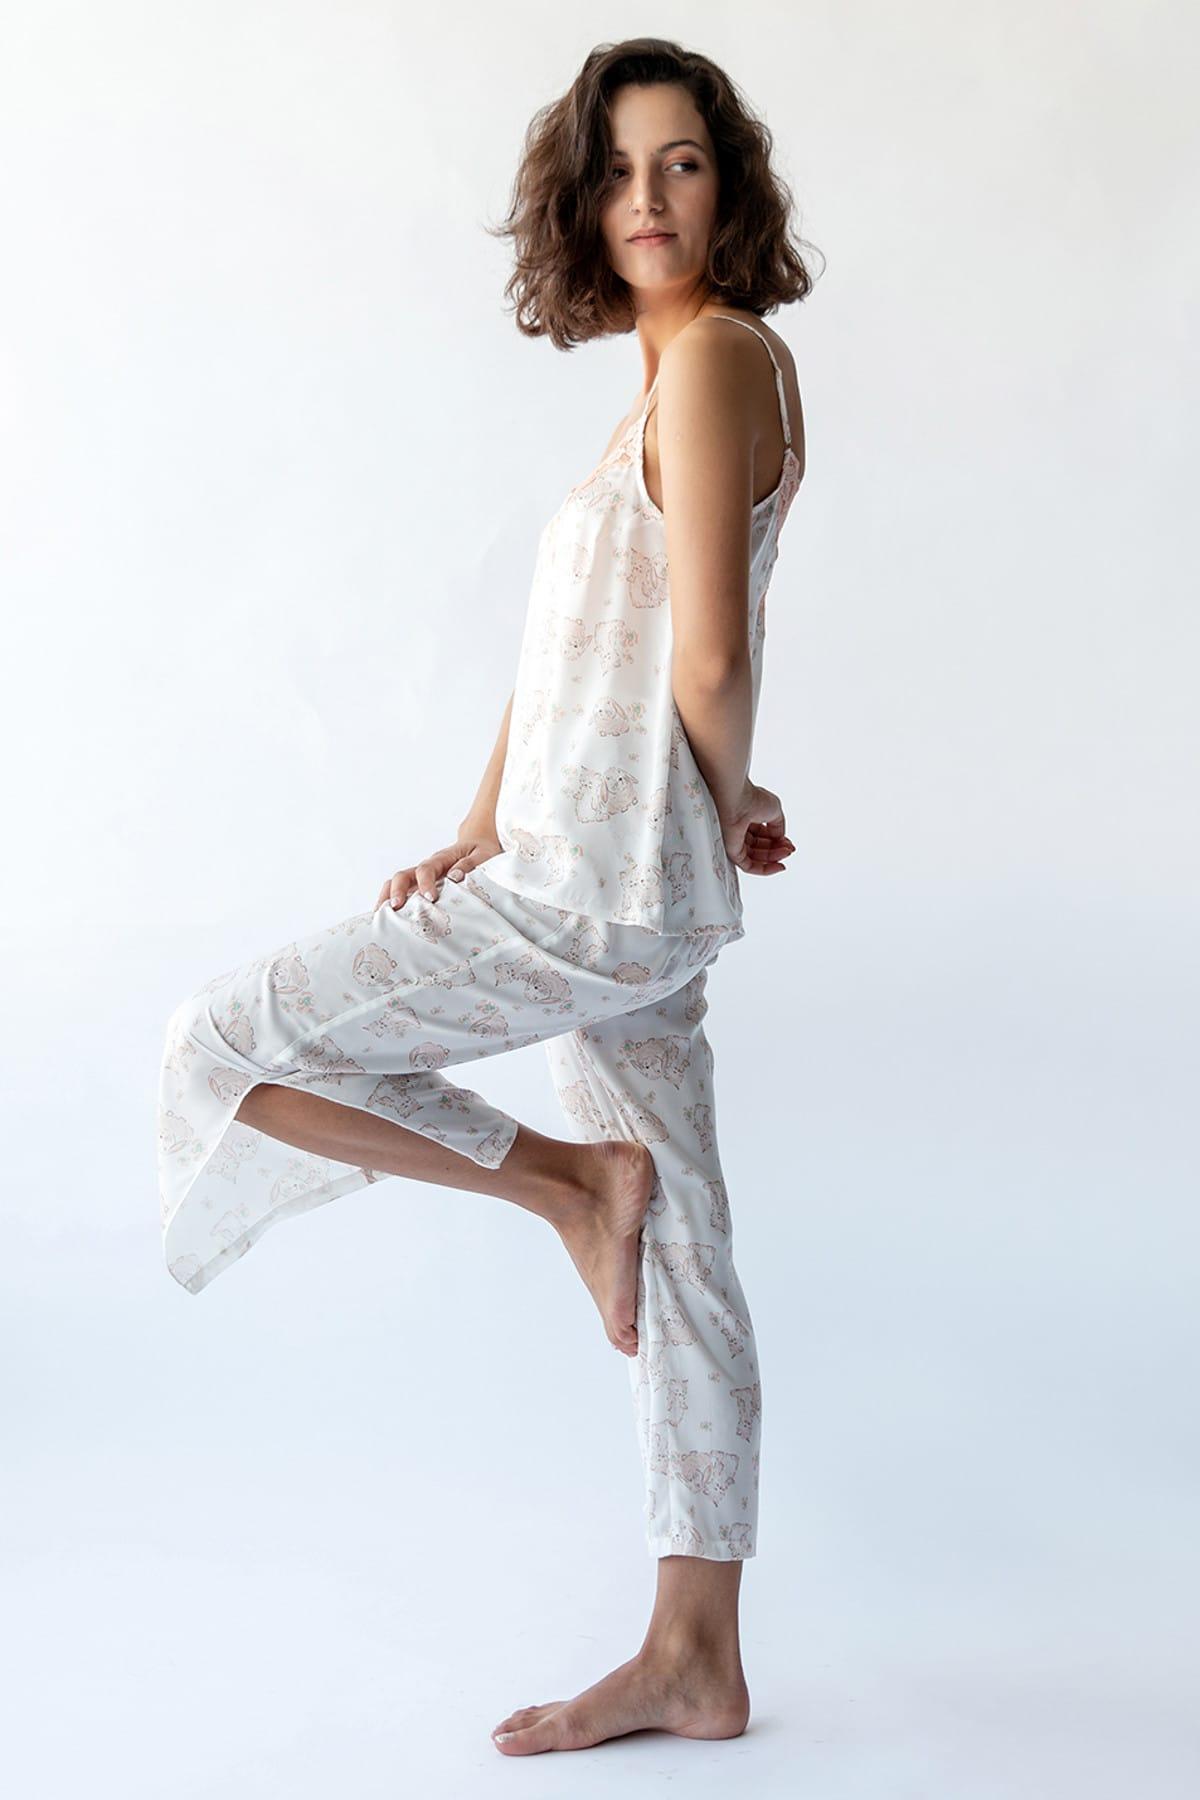 Hays Kadın Somon Baskılı Paçası Yandan Yırtmaç Detaylı Saten Pijama Altı 1